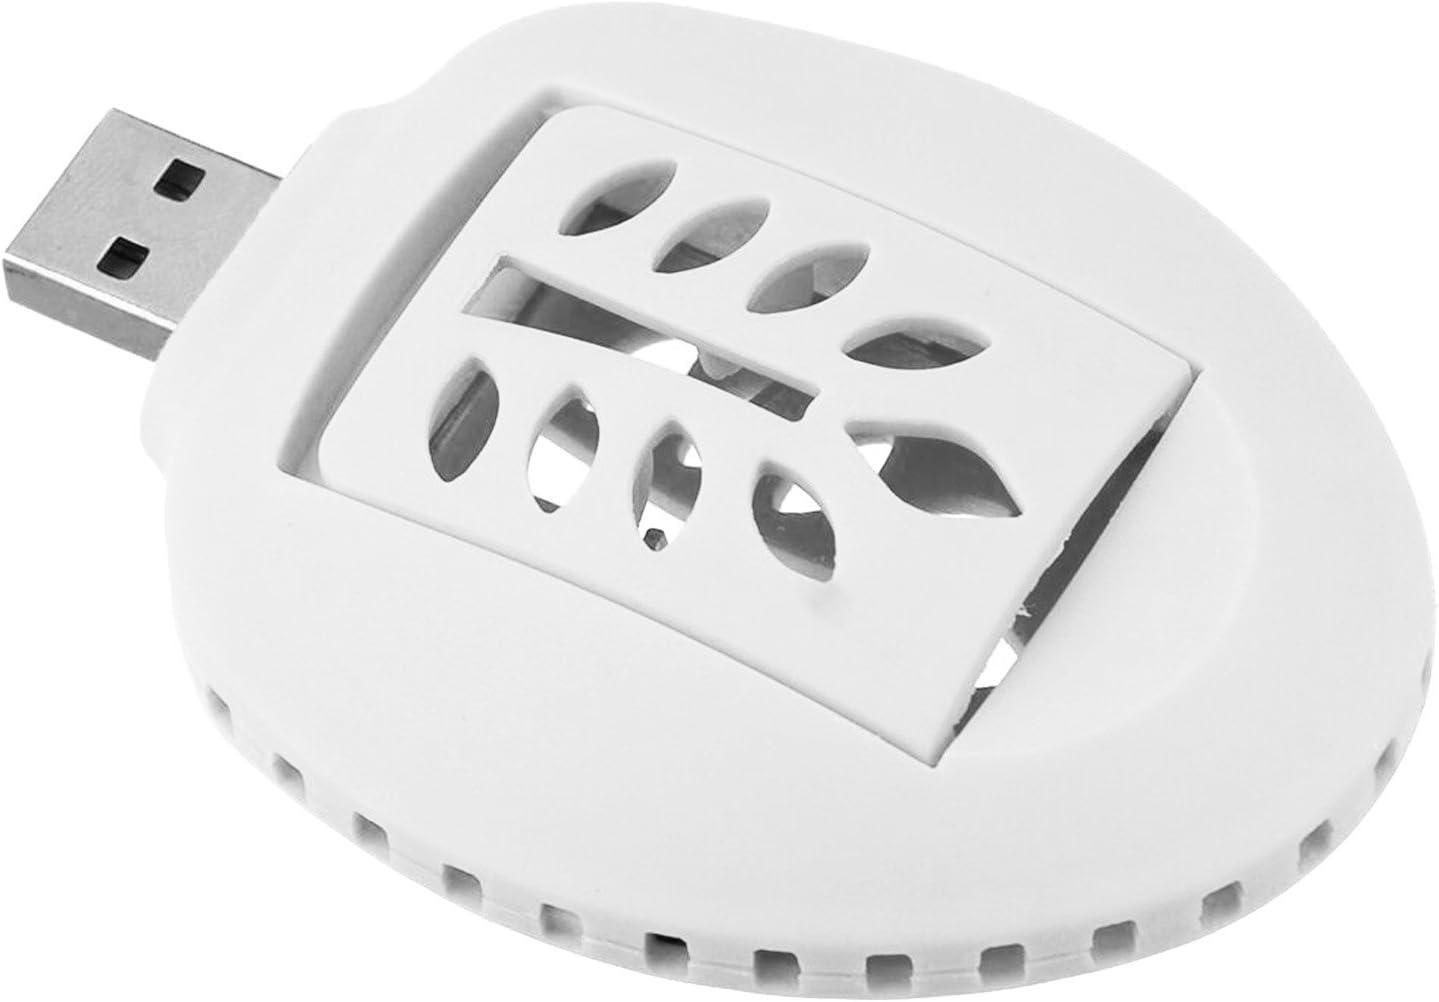 Gosear Portátil USB eléctrico Mosquito Repelente del Incienso de Mosquitos plagas Insectos (Blanco)